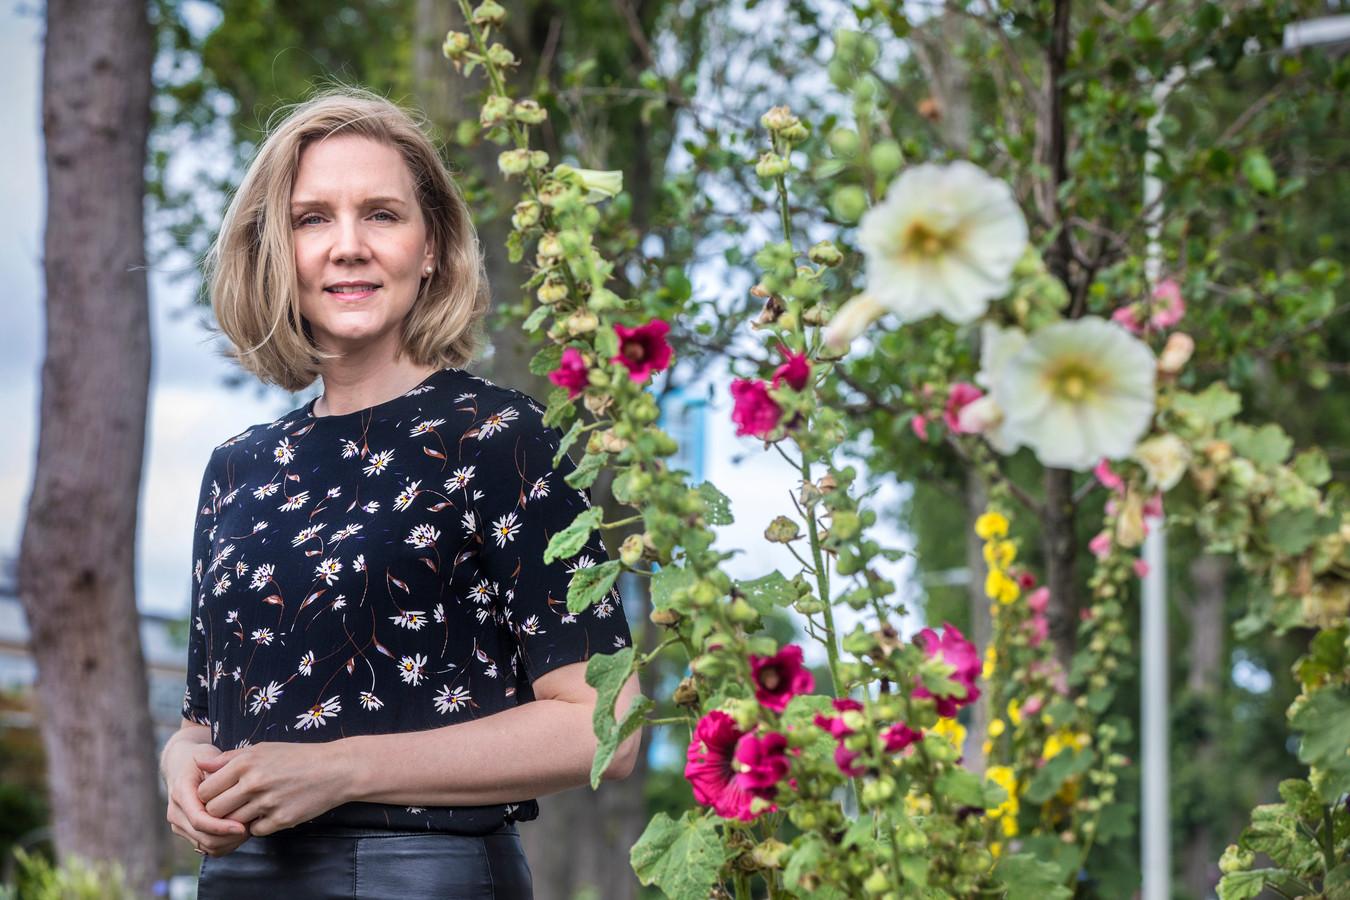 Flora van den Berg was voorzitter van Groep de Mos vanaf mei 2018. Ze bleef slechts tien maanden aan: 'Het was trekken aan een dood paard'.